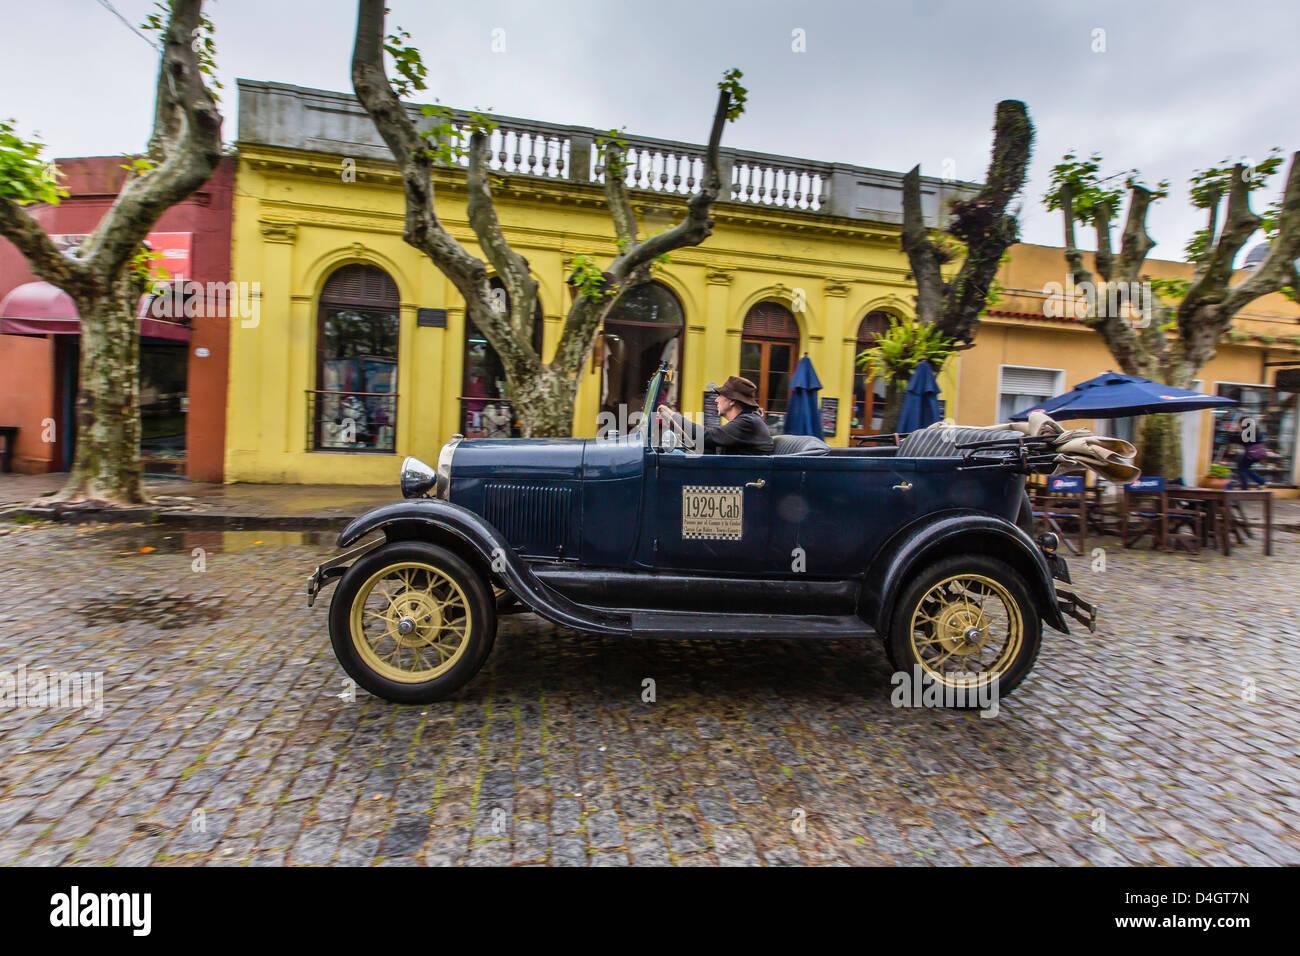 Viejo coche usado como taxi en la calle de adoquines en Colonia del Sacramento, Uruguay Sudamérica Imagen De Stock